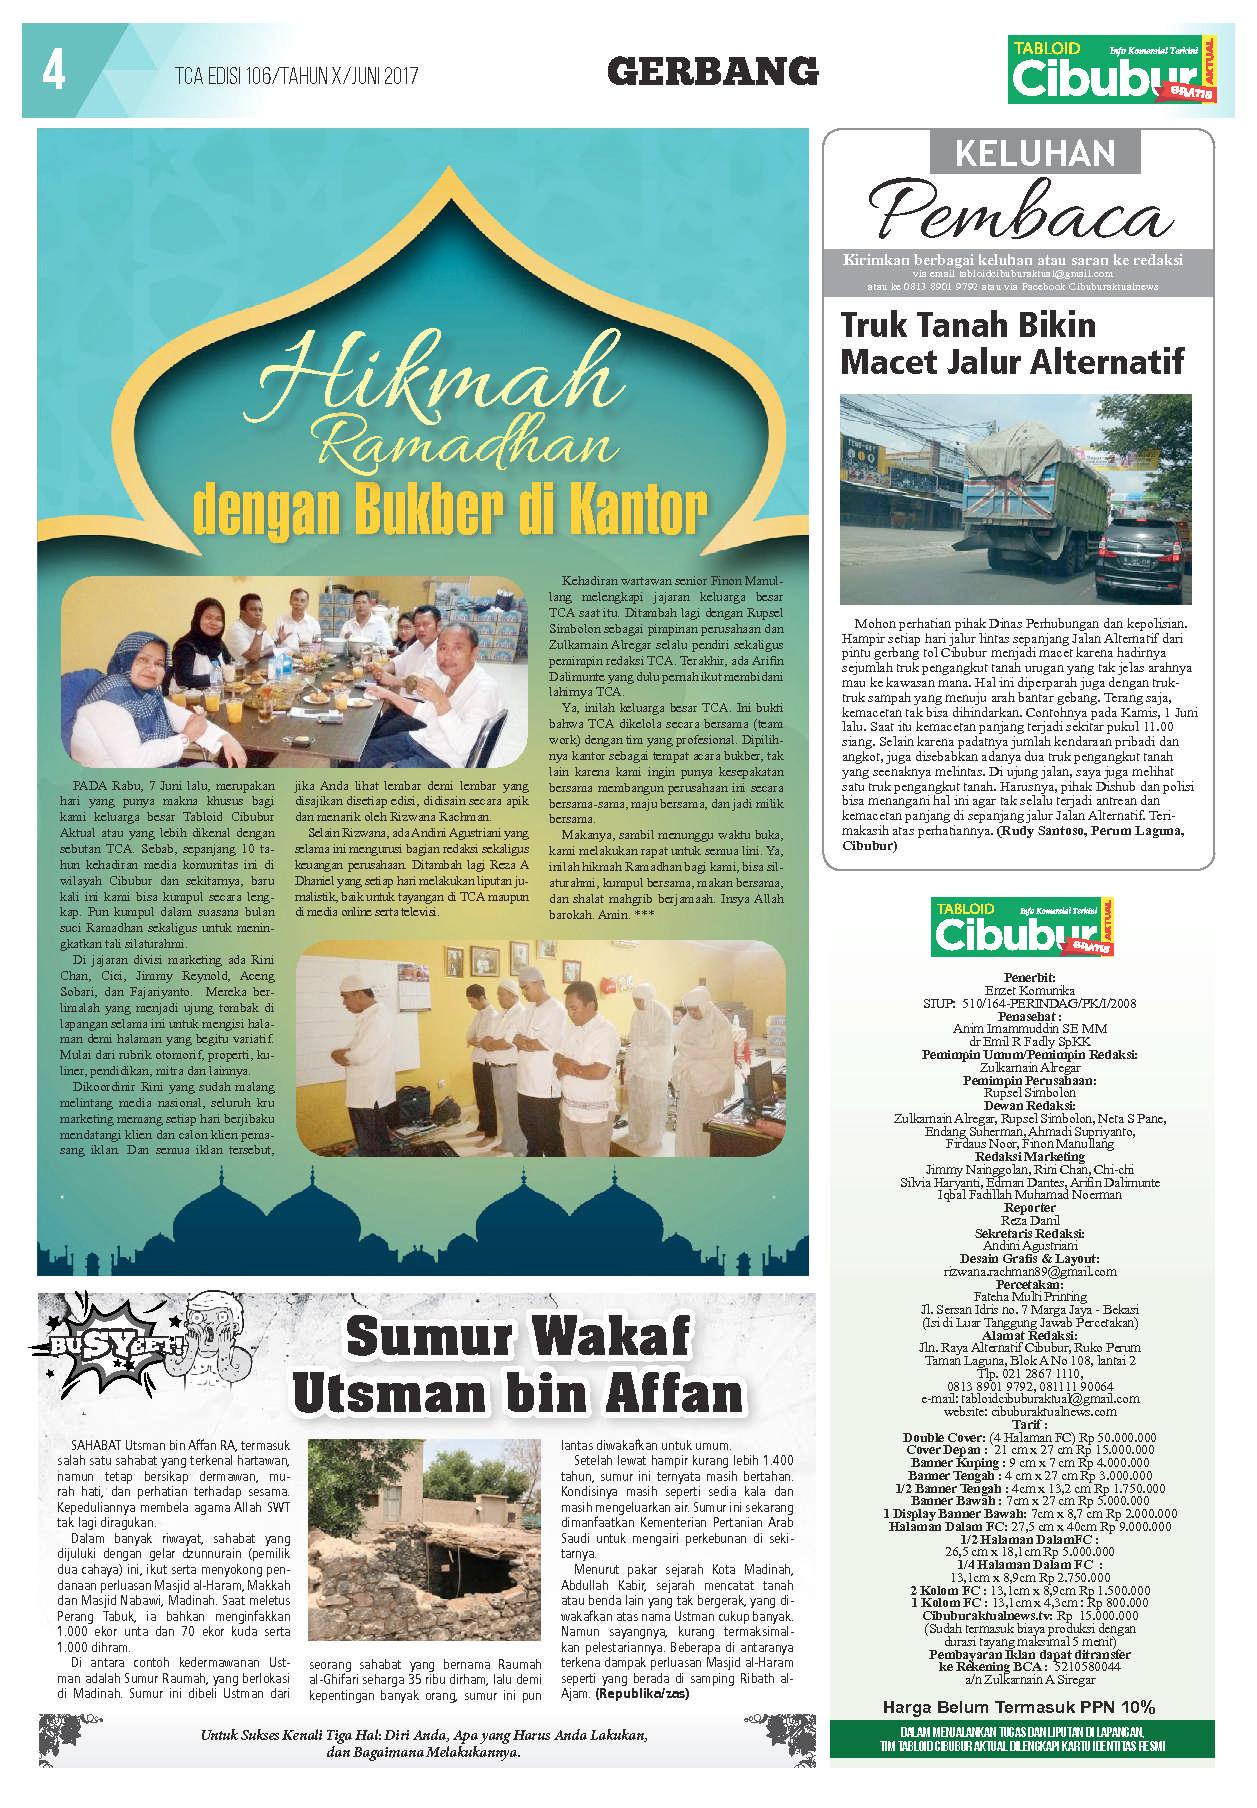 Jual Majalah Cibubur Aktual Ed 106 Juni 2017 Gramedia Digital Sumur Utsman 3